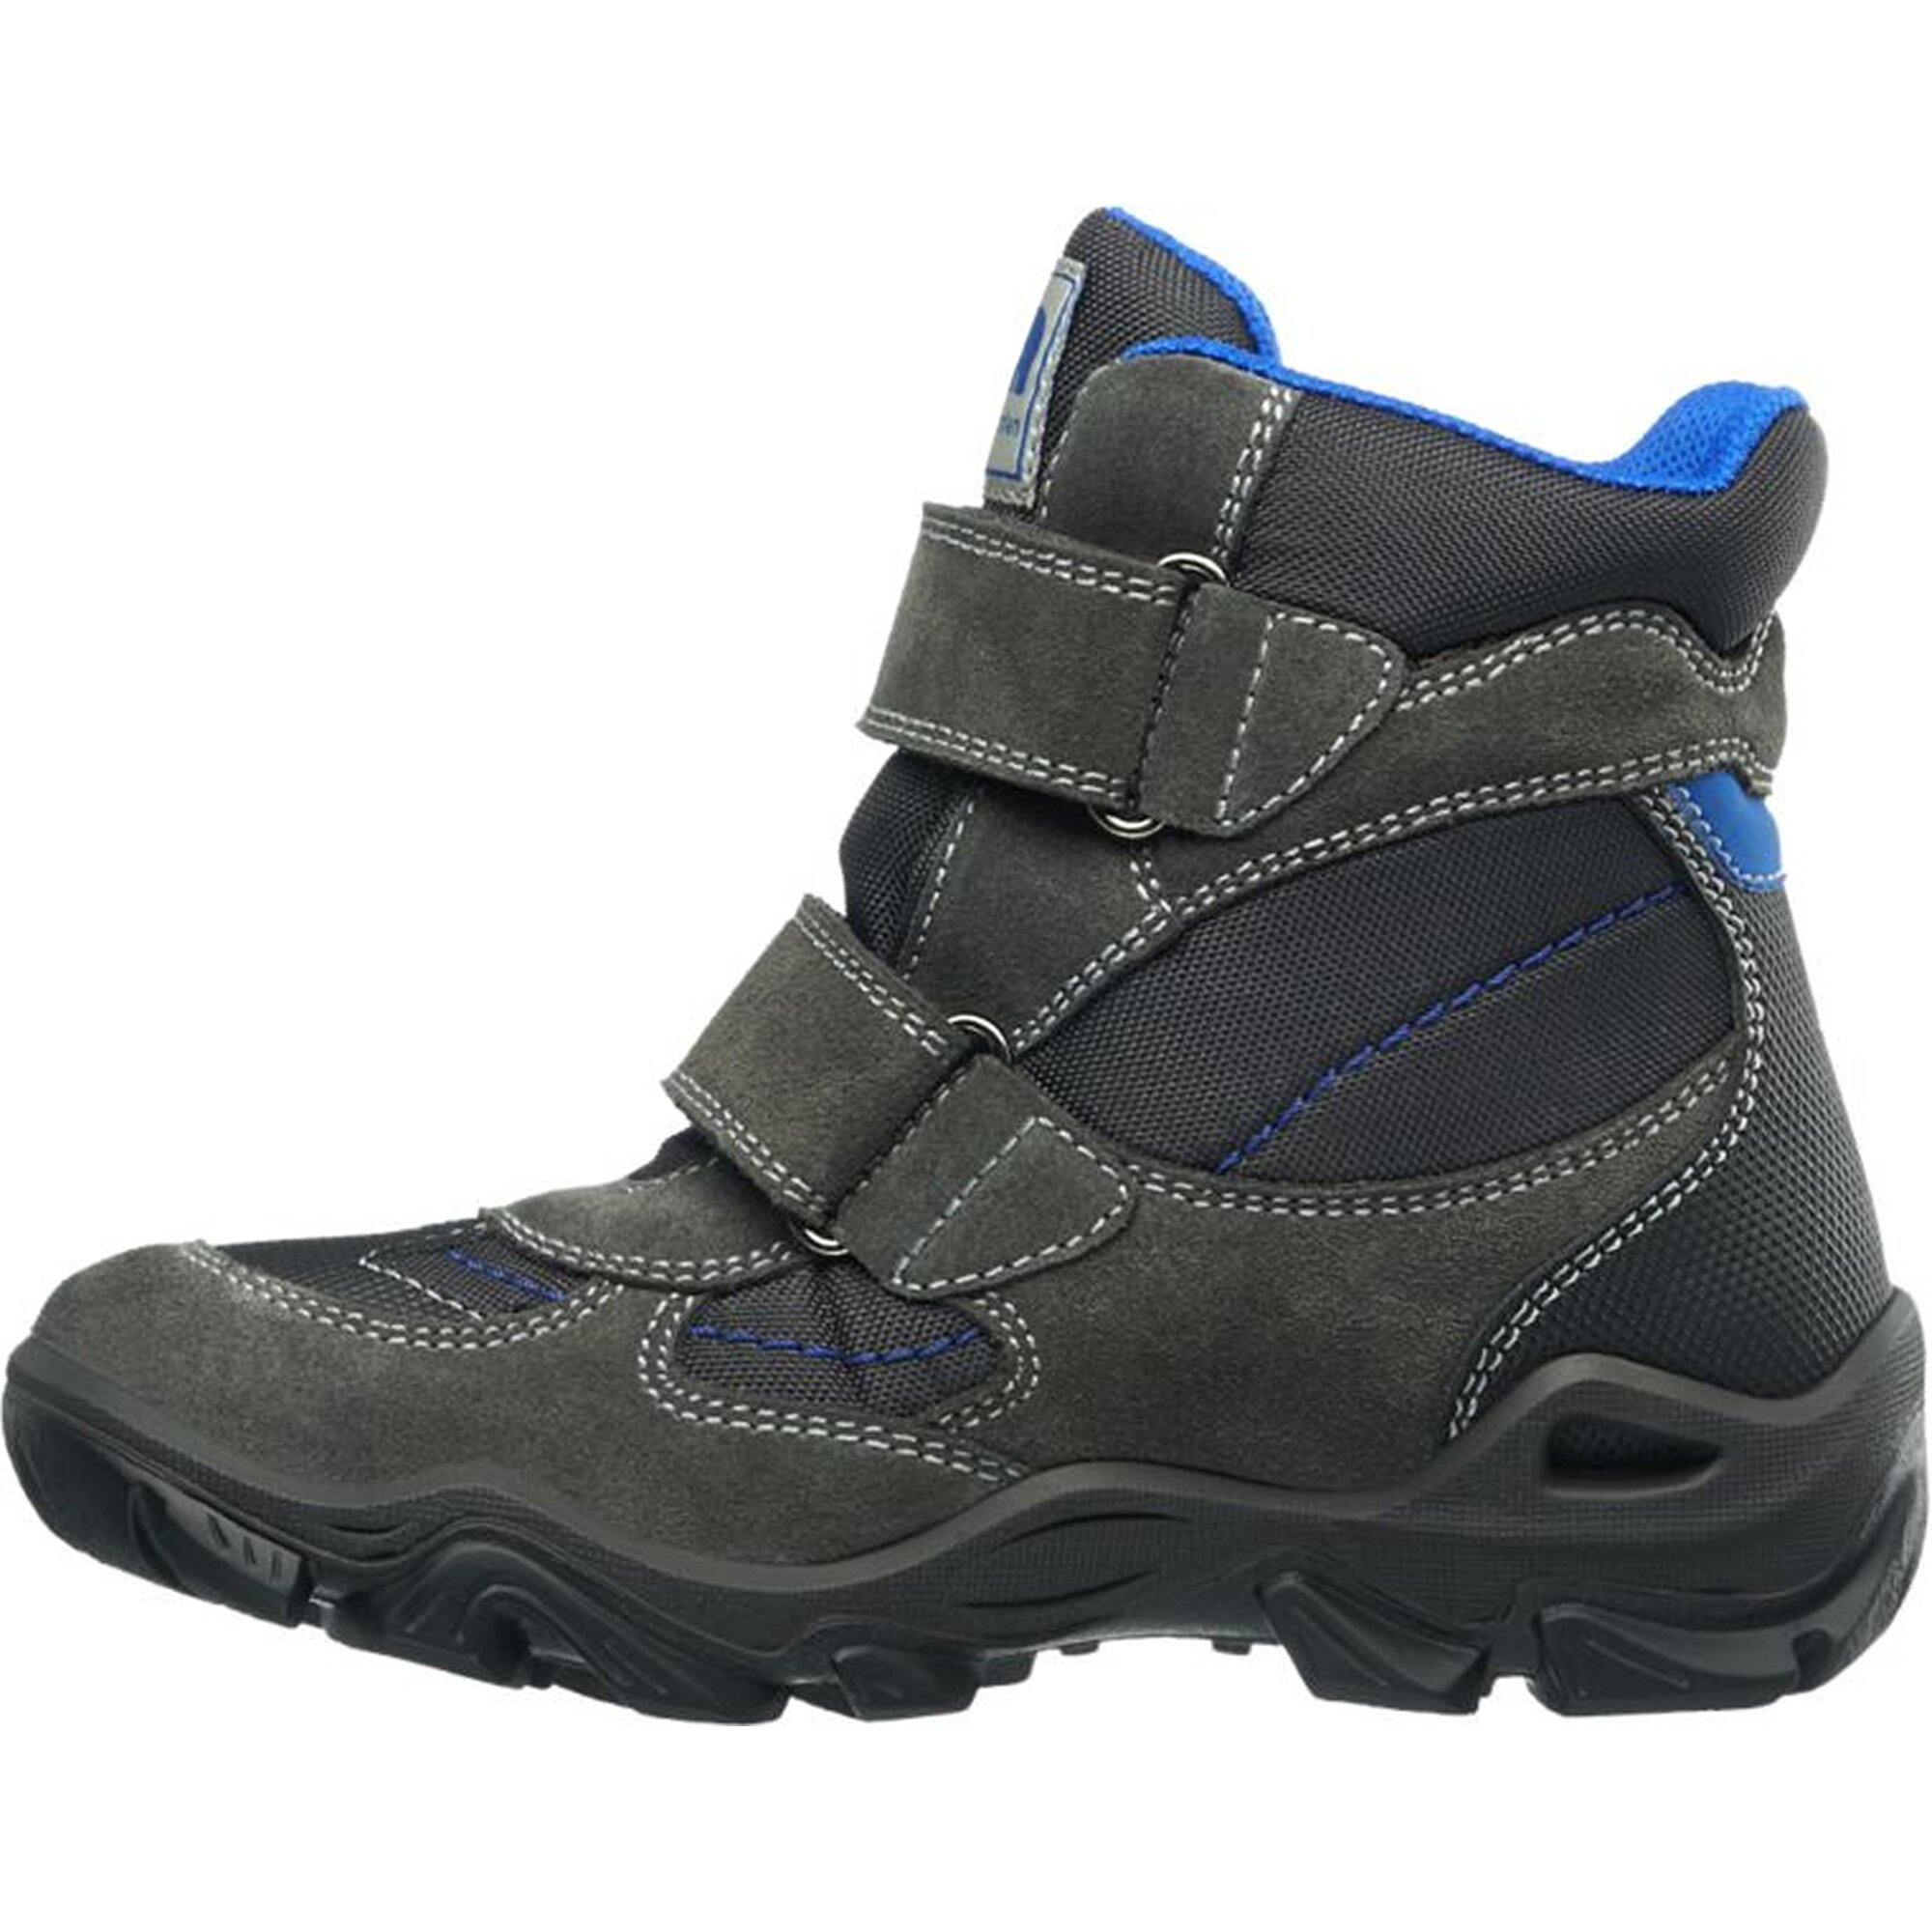 elefanten-boots-weite-m-iv-grau-31-32-33-34